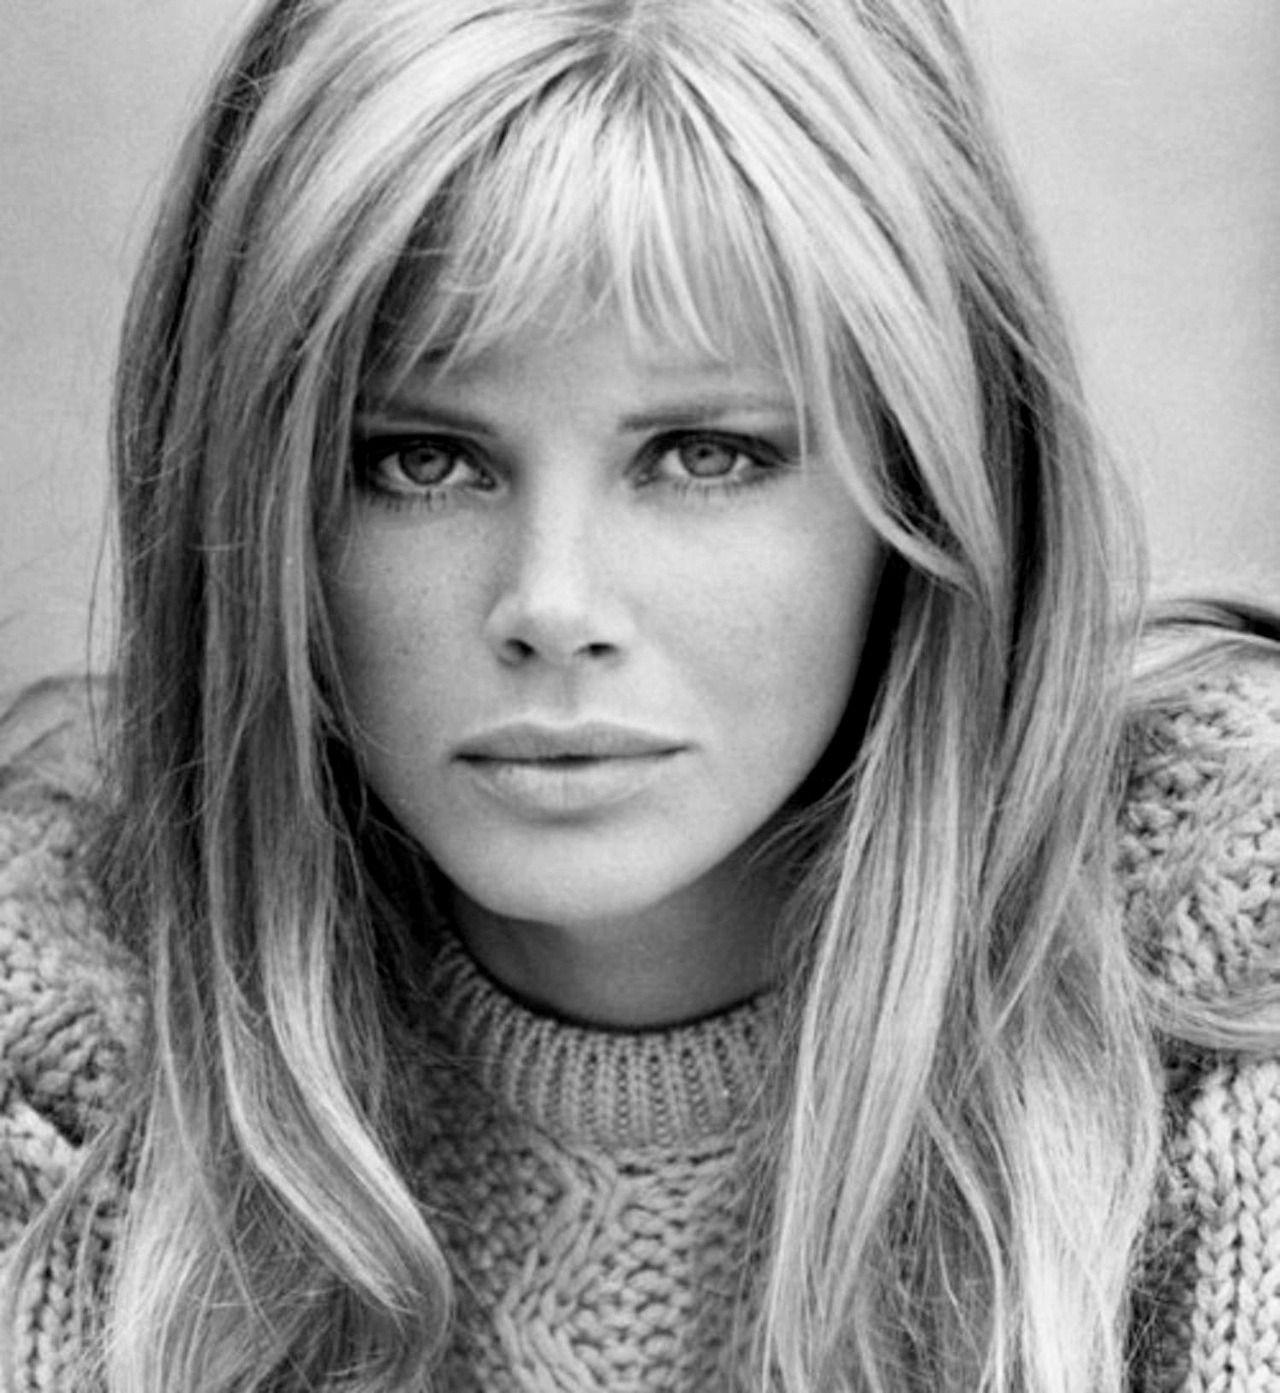 Britt Ekland (1942, Estocolmo) es una actriz sueca residente en el Reino Unido. Su papel más conocido es el de chica Bond en El hombre de la pistola de oro (1974).